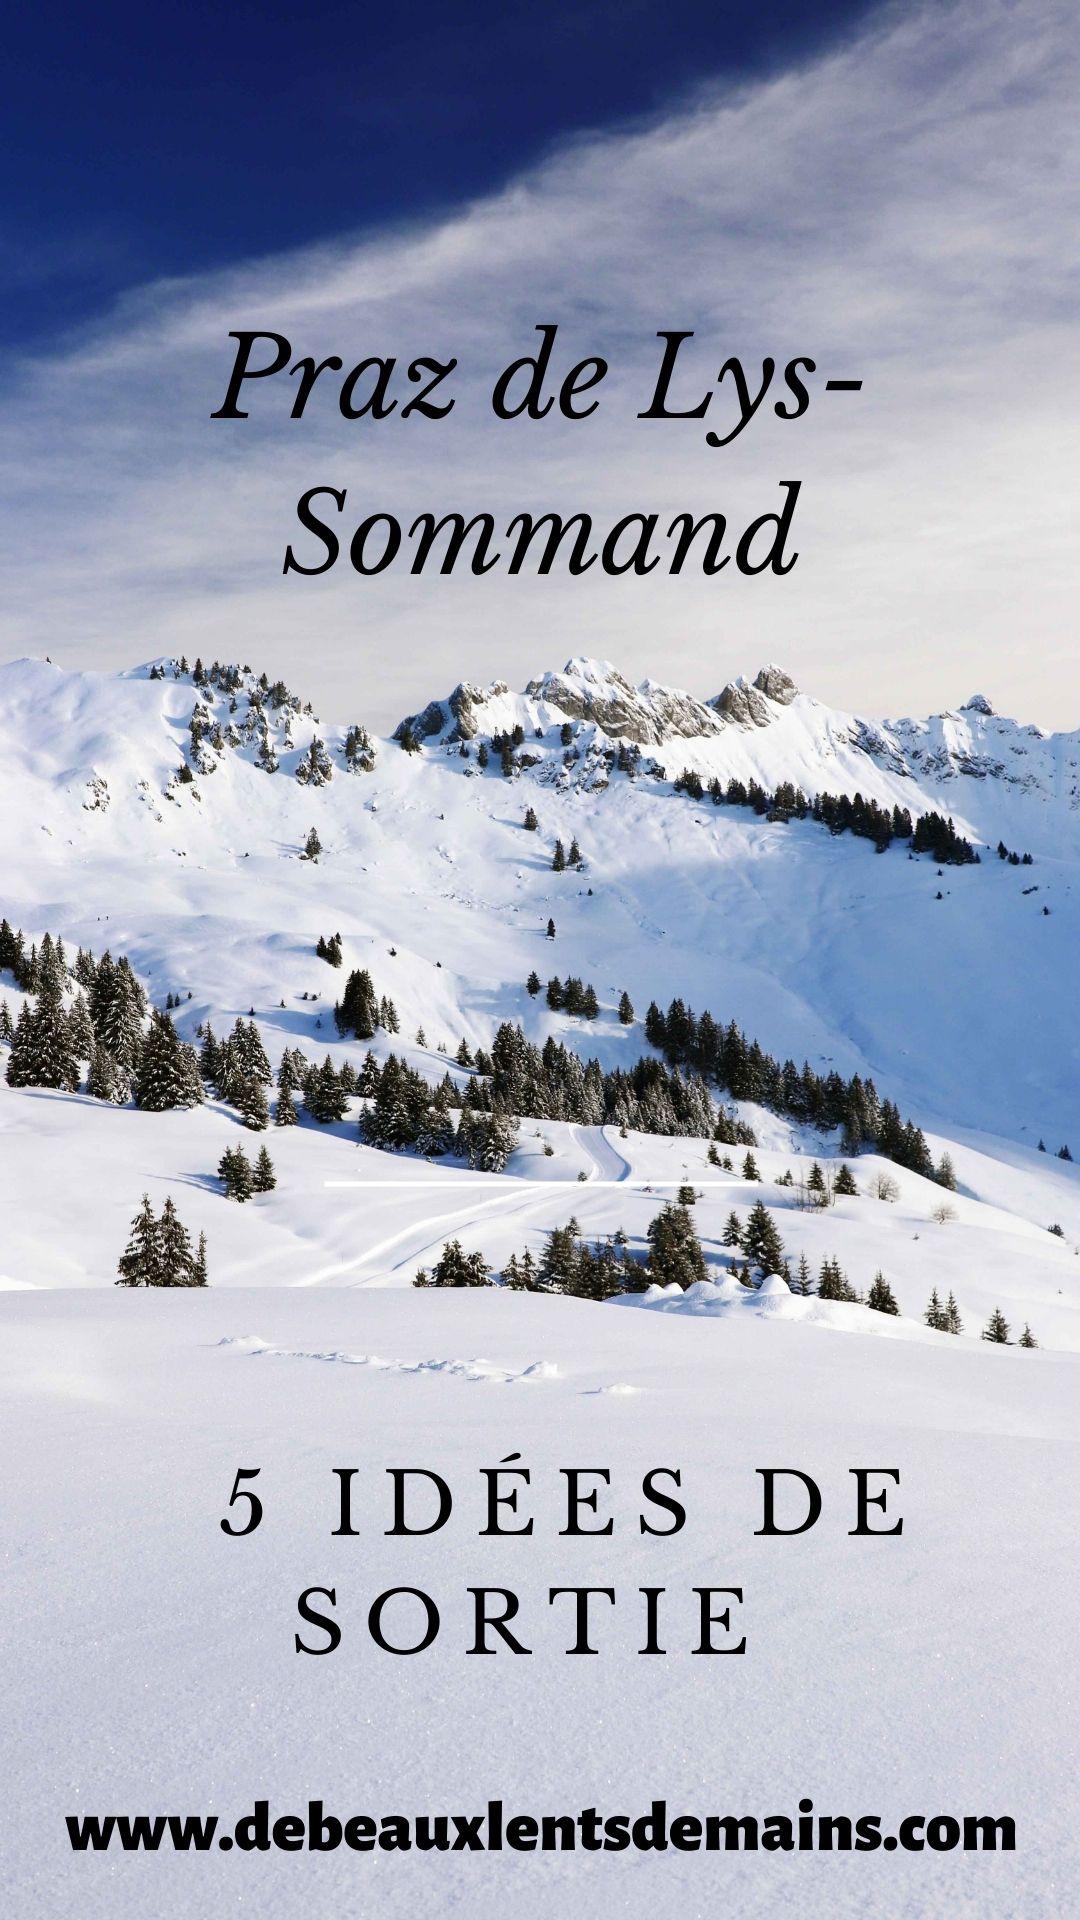 5 idées de sortie à Praz de Lys Sommand en famille